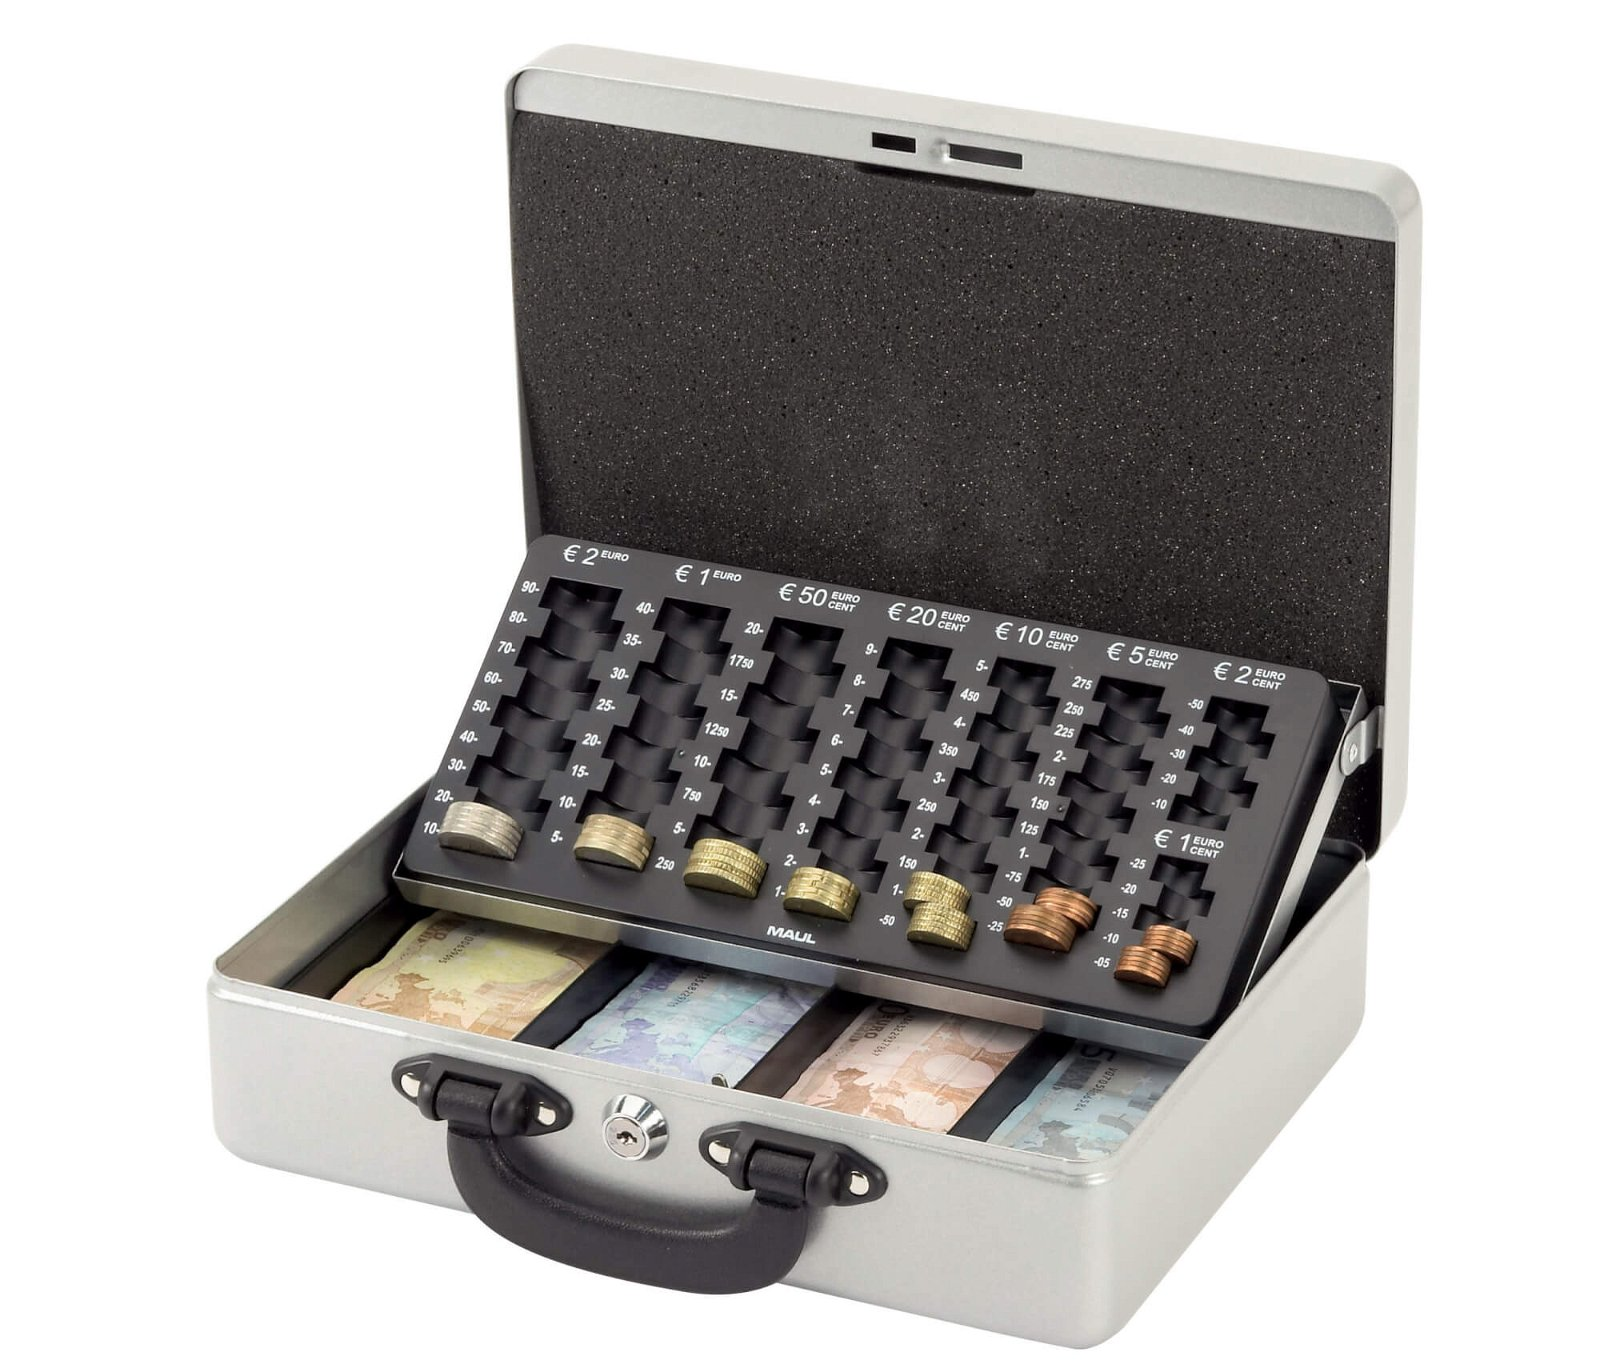 Geldkassette mit Euro-Zähl- -Einsatz, 30 x 24,5 x 9,3 cm, silber